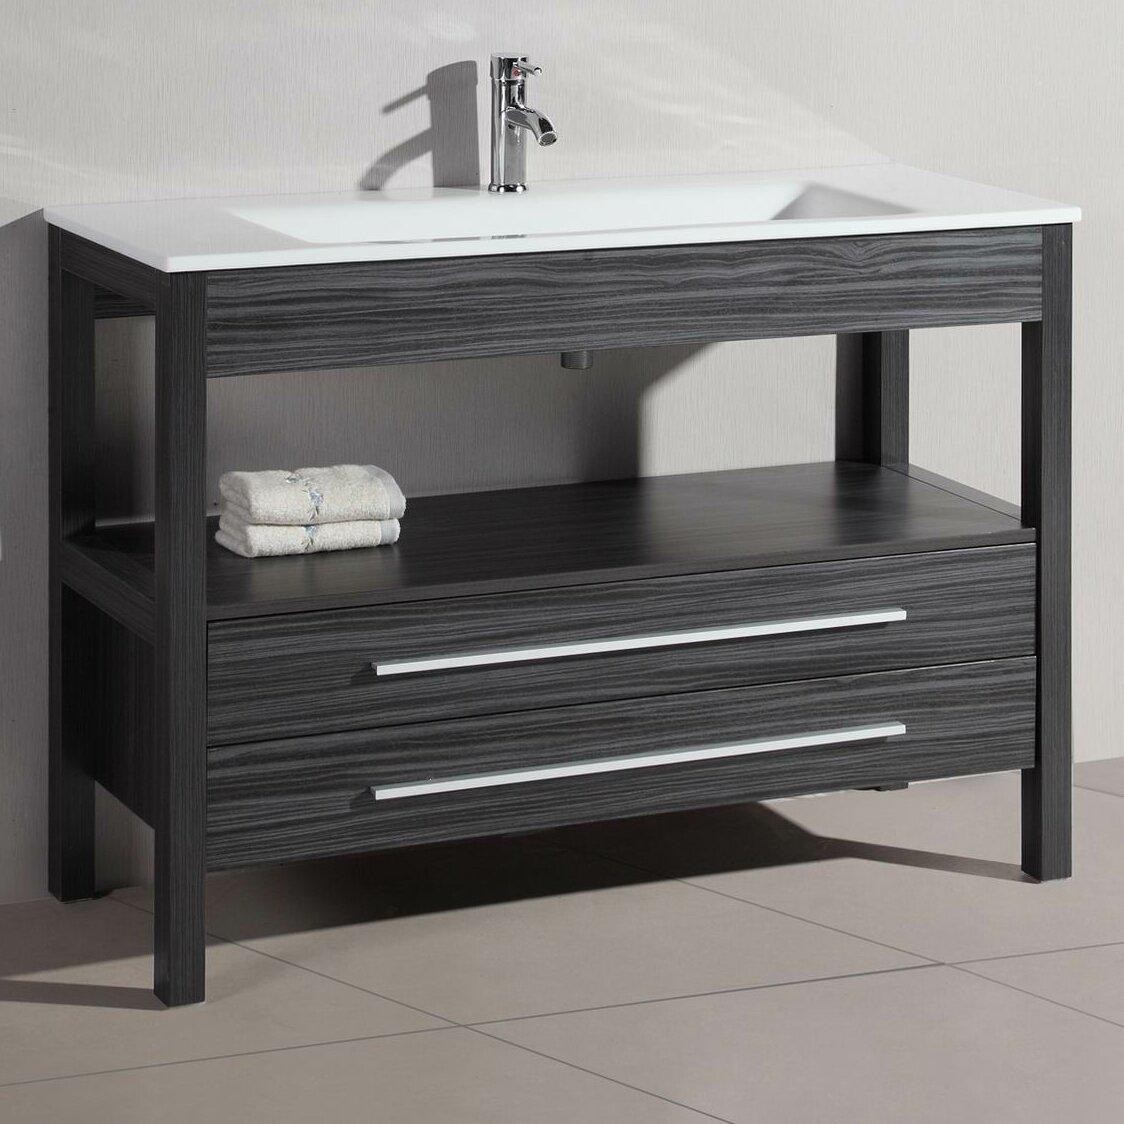 48 single modern bathroom vanity reviews allmodern - Modern bathroom cabinets vanities ...